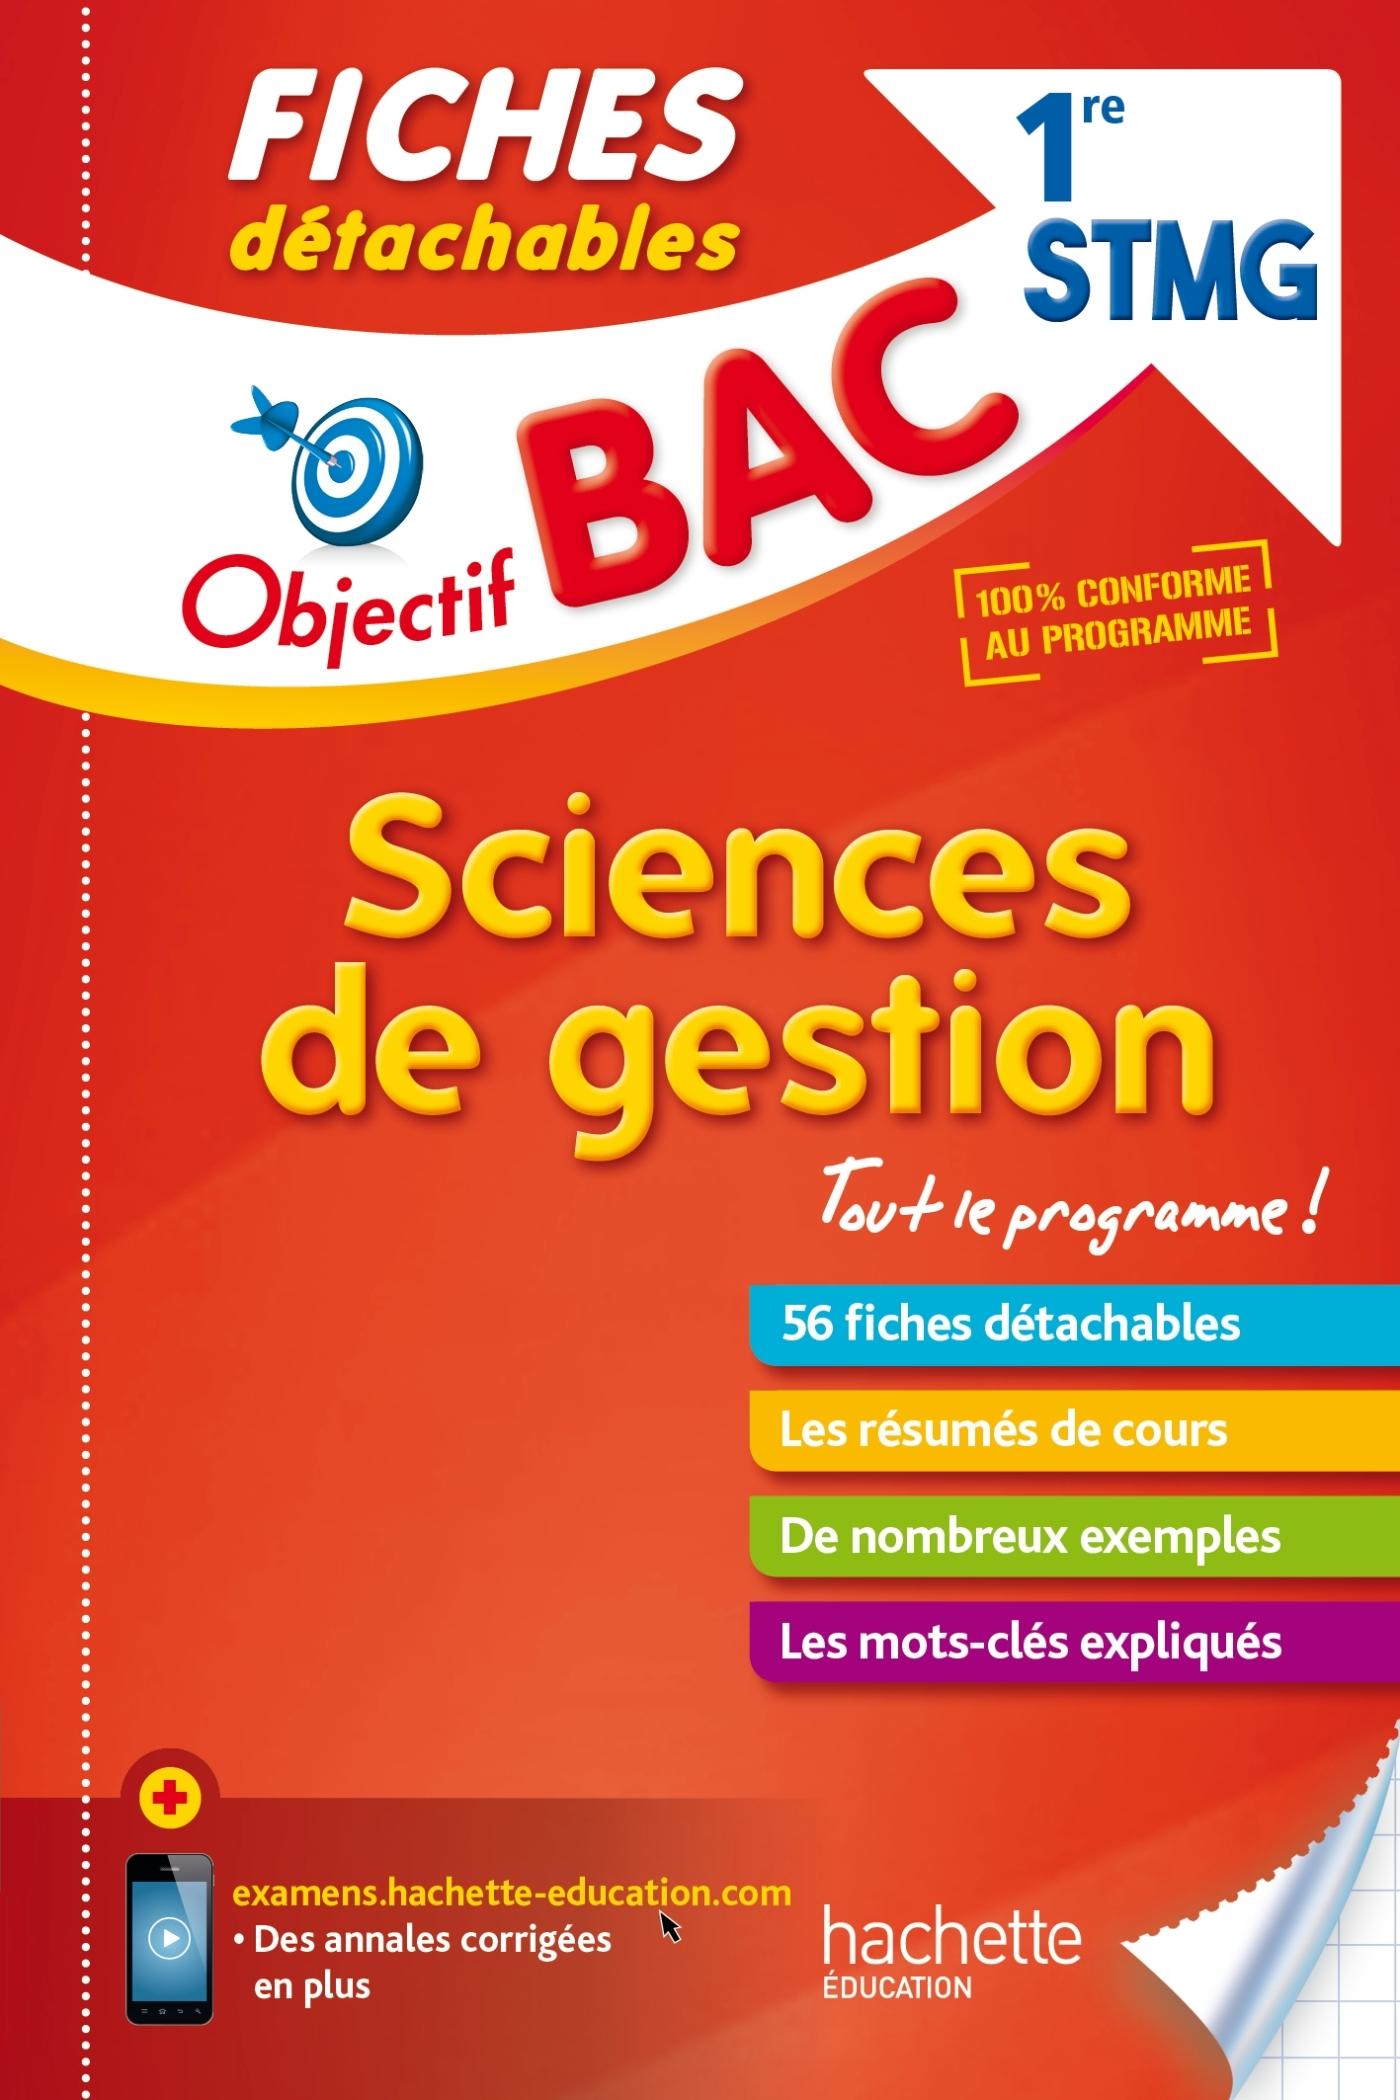 OBJECTIF BAC FICHES DETACHABLES SCIENCES DE GESTION 1ERE STMG